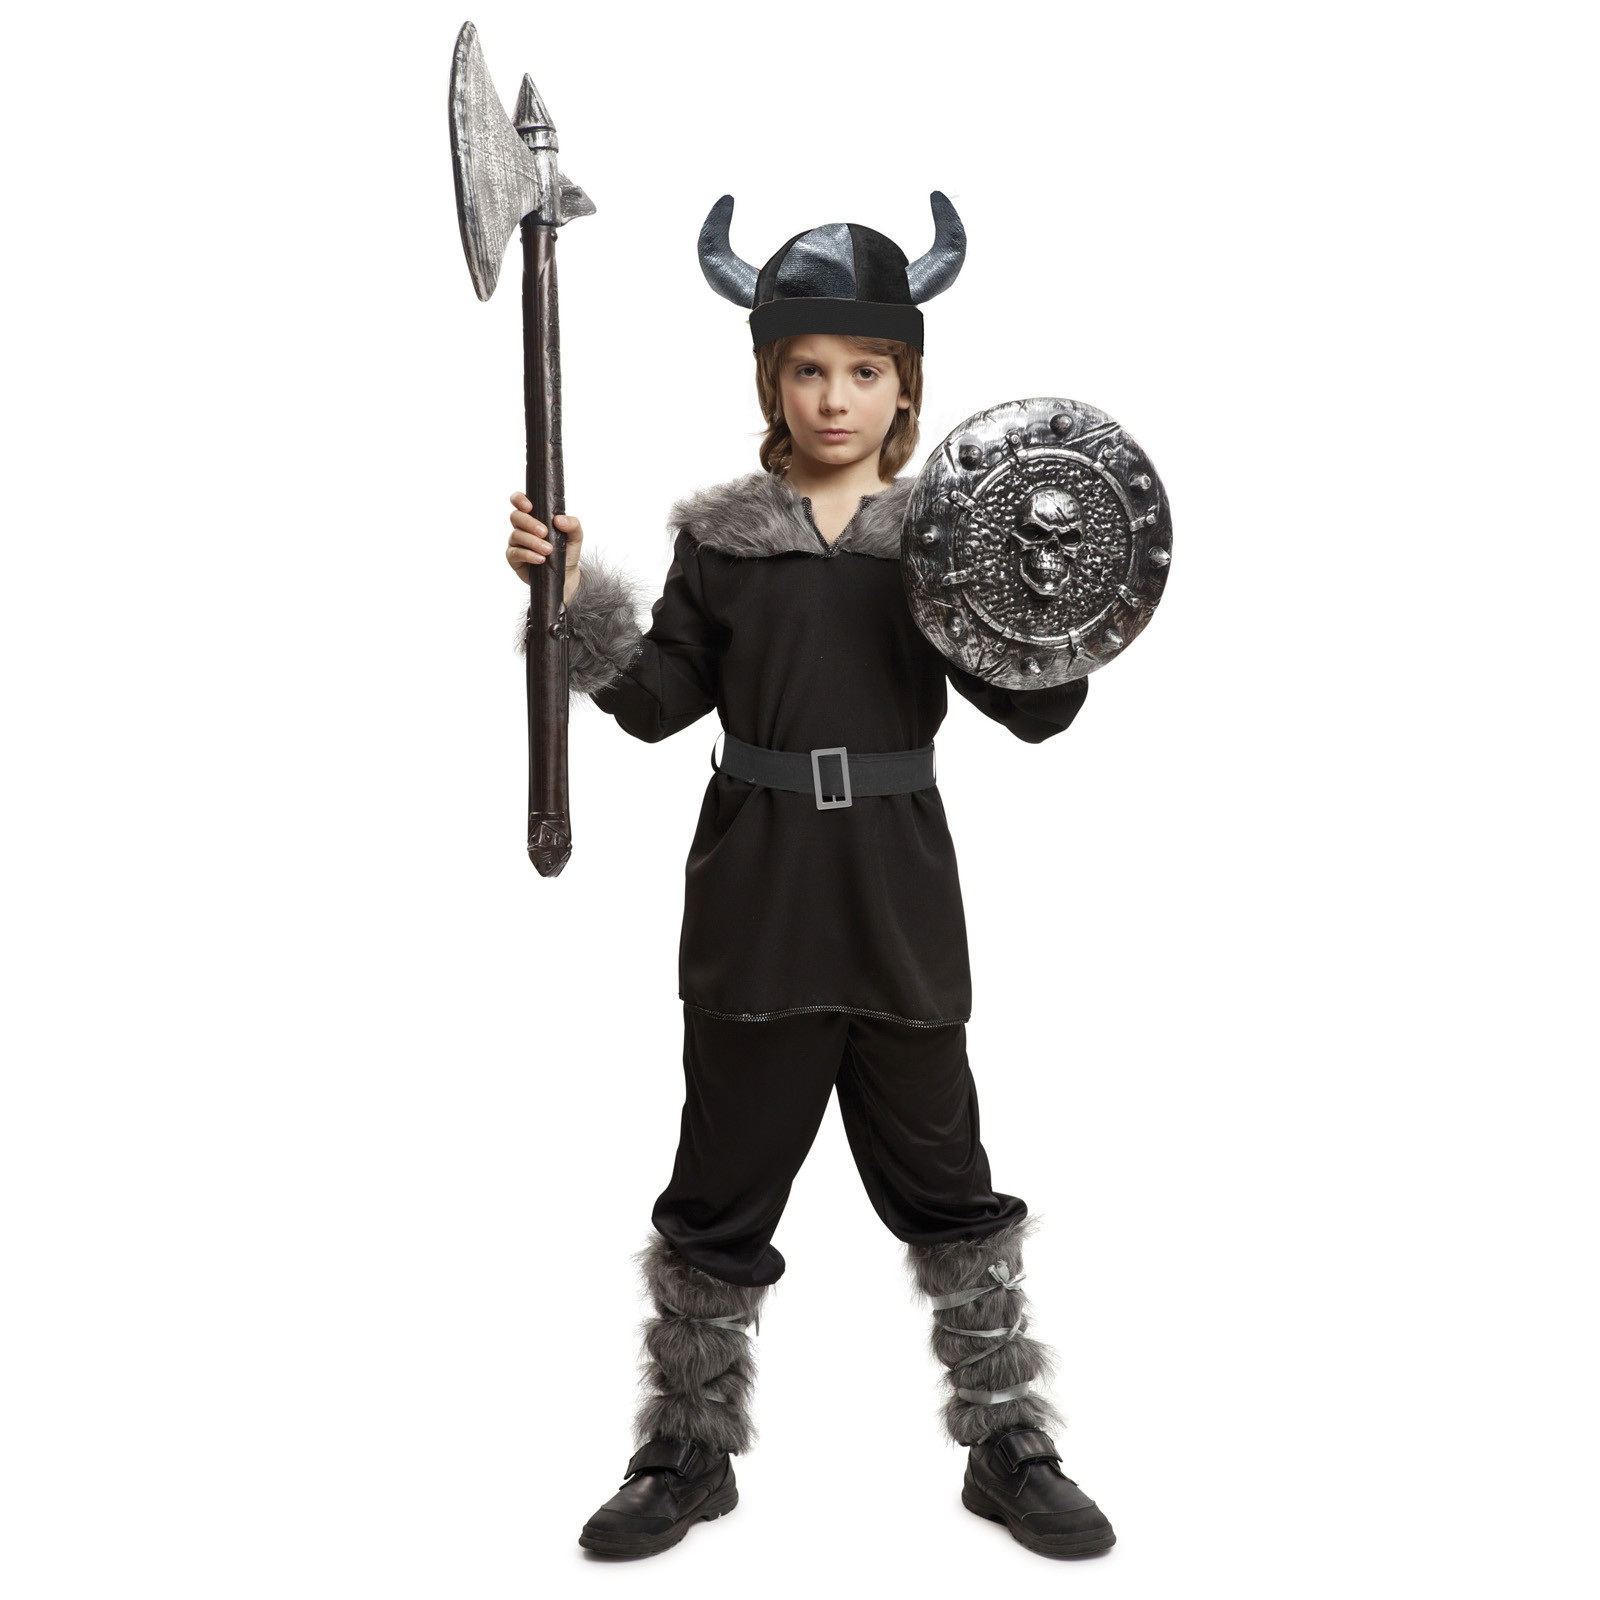 disfraz vikingo salvaje niño 203337mom - DISFRAZ DE VIKINGO SALVAJE NIÑO